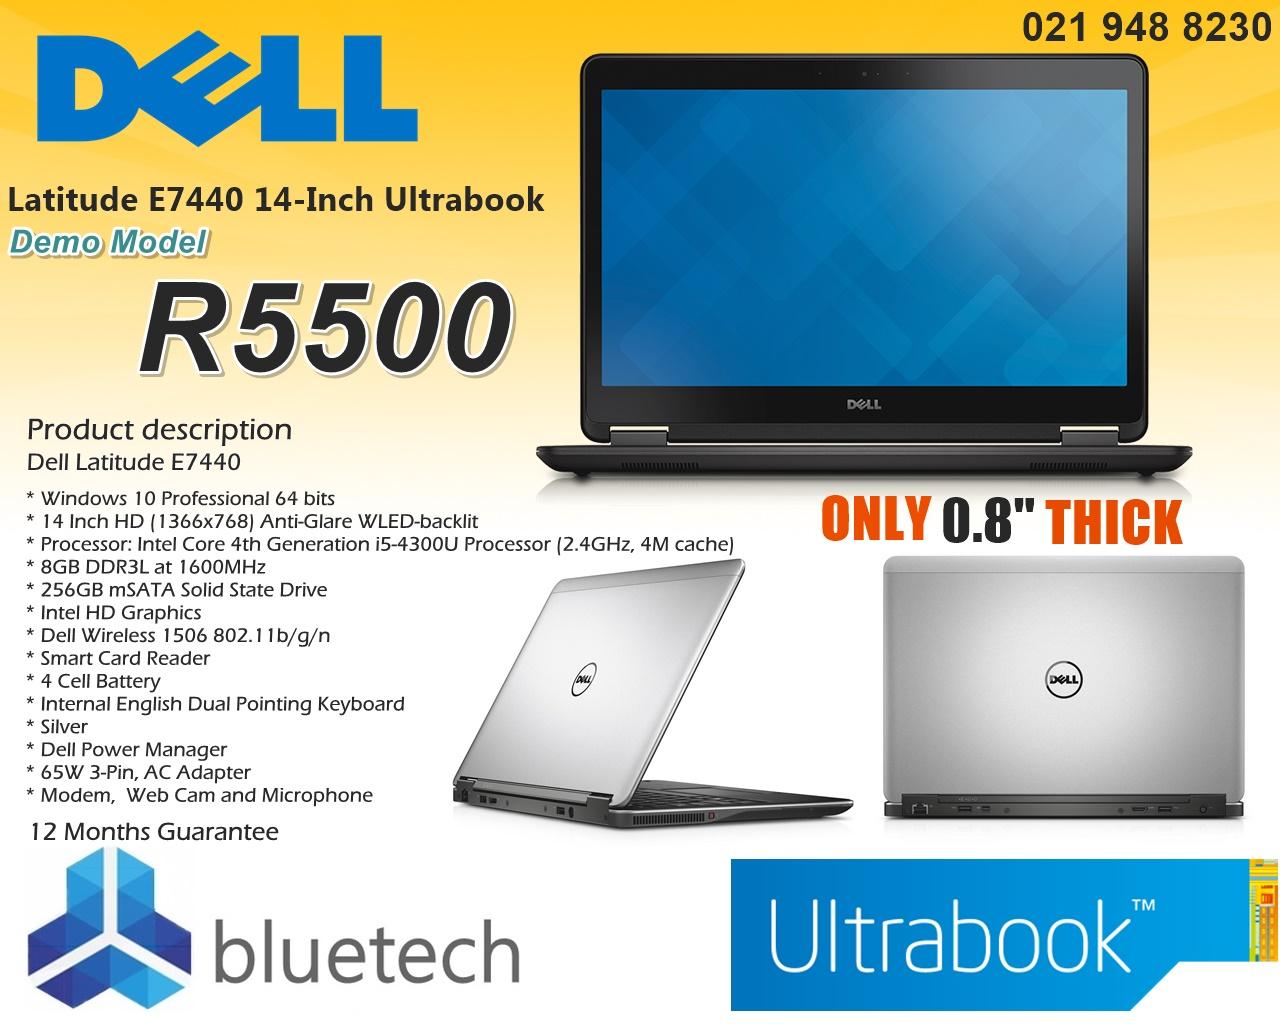 Demo Dell Latitude E7440 - Core i5, 8GB RAM, 256GB SSD, Win 10 Pro,  Bluetech Computers 021 948 8230 | Junk Mail